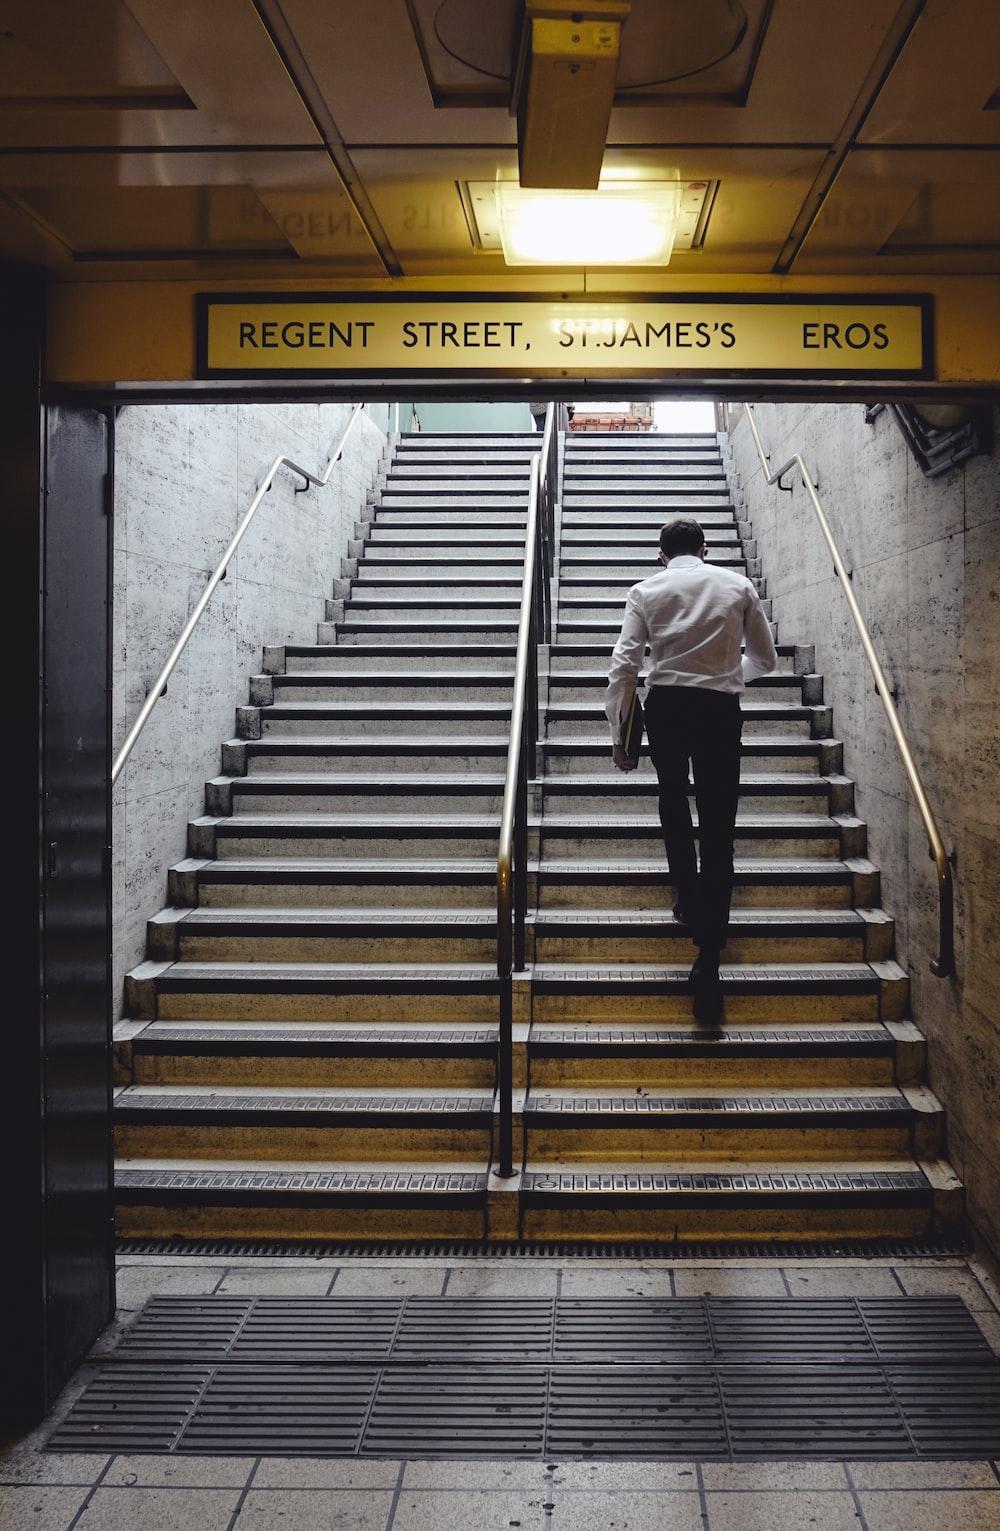 man walking on stairs at daytime